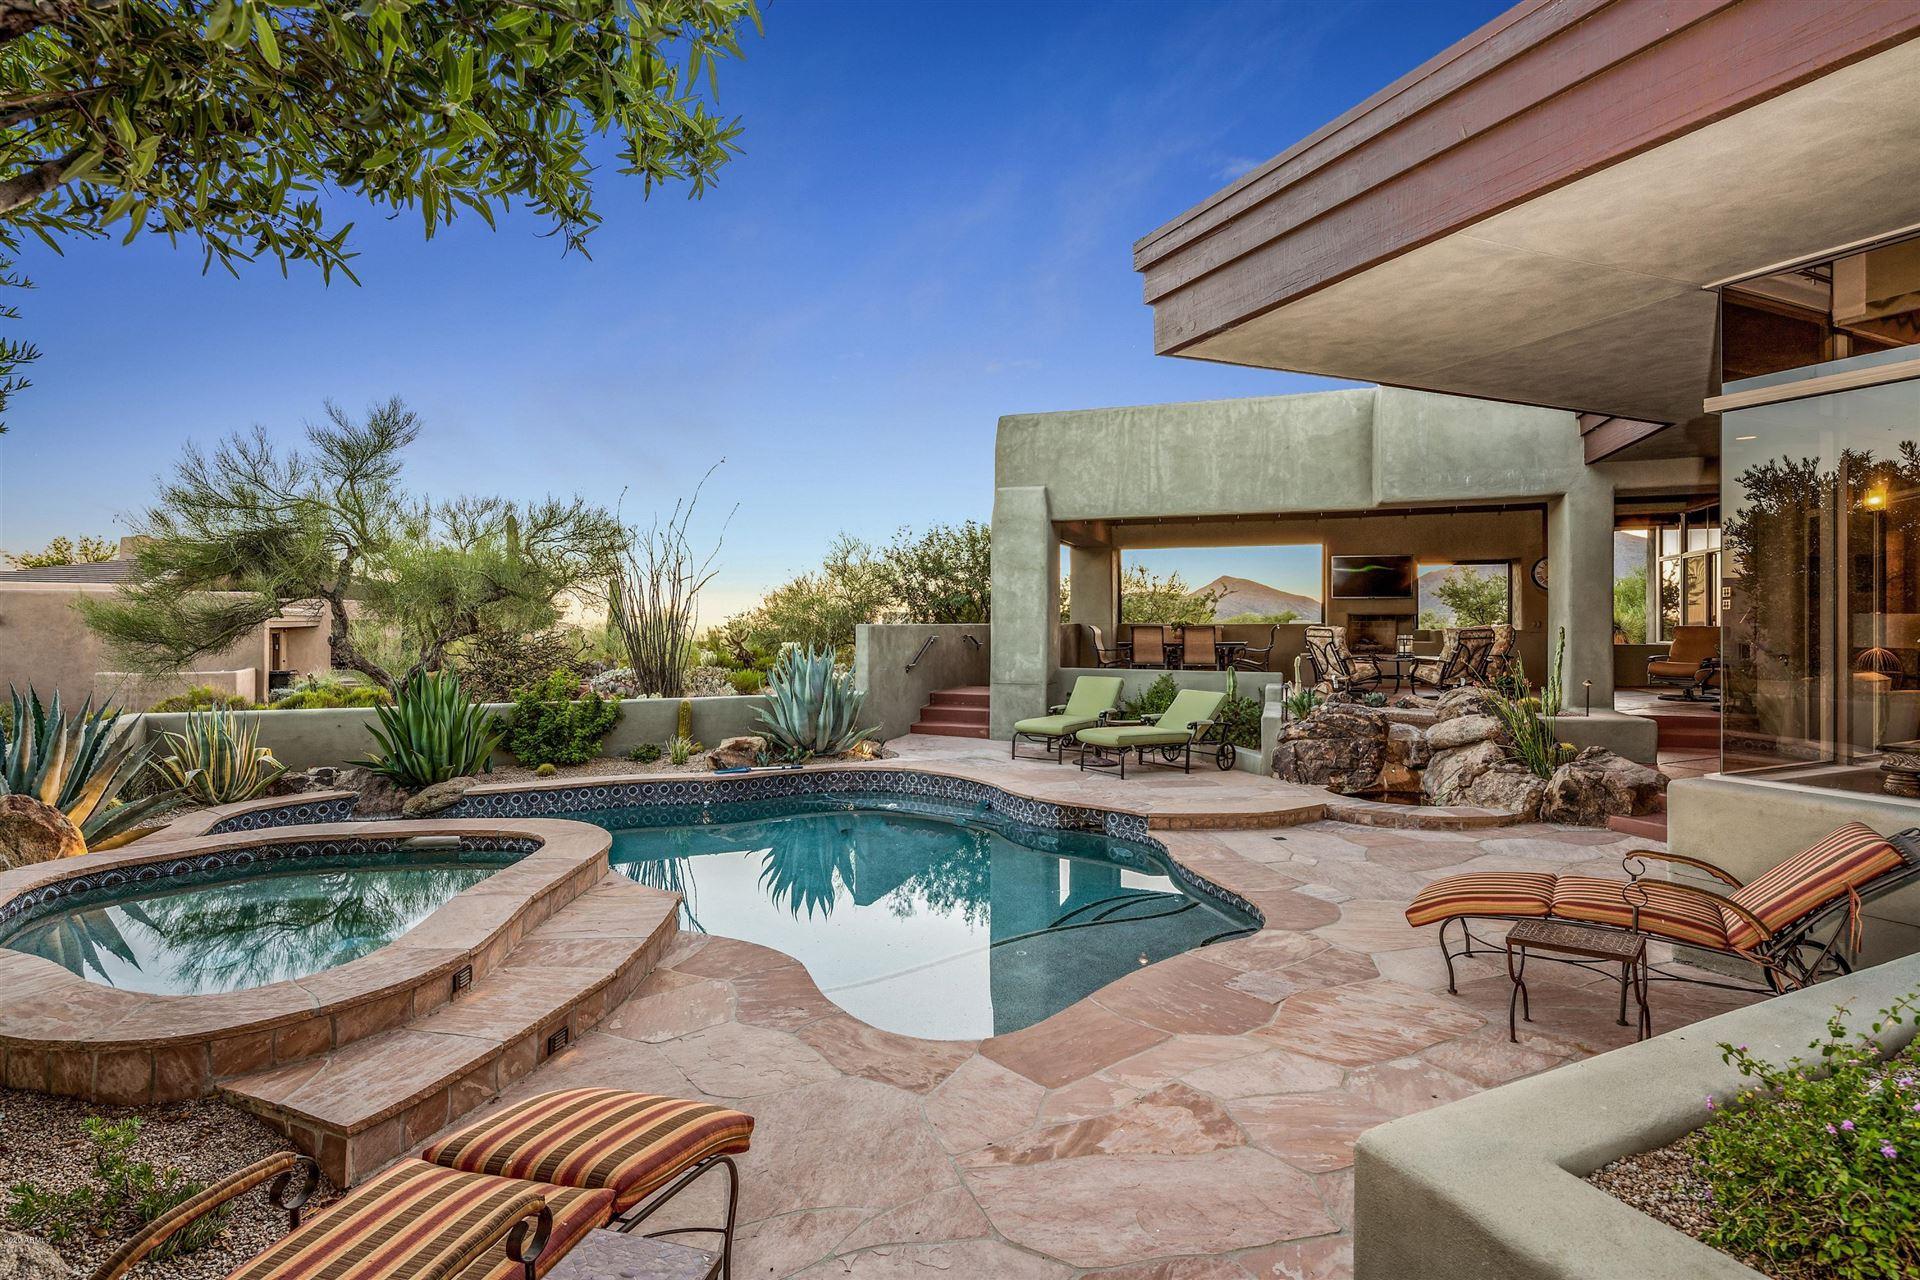 41555 N 107TH Way, Scottsdale, AZ 85262 - #: 6099250